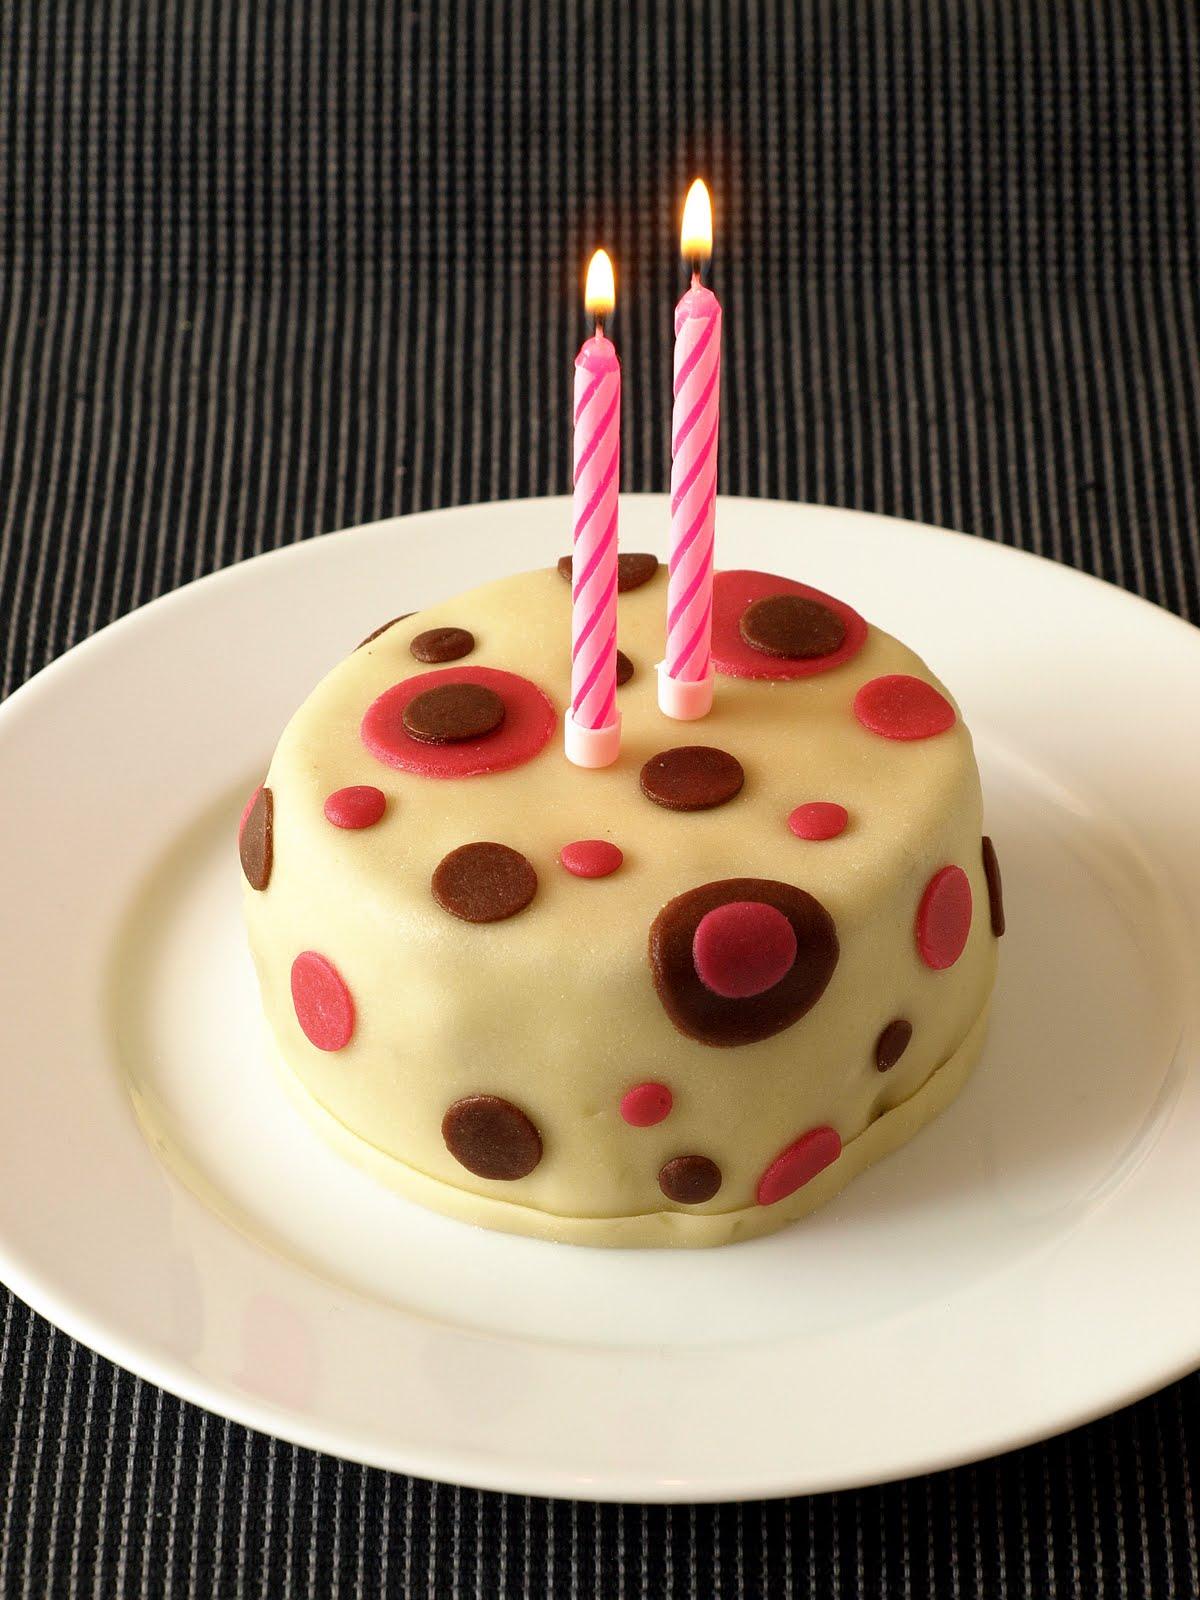 malý dort k narozeninám CHEZ LUCIE: 2. narozeniny (opět s dortem) malý dort k narozeninám